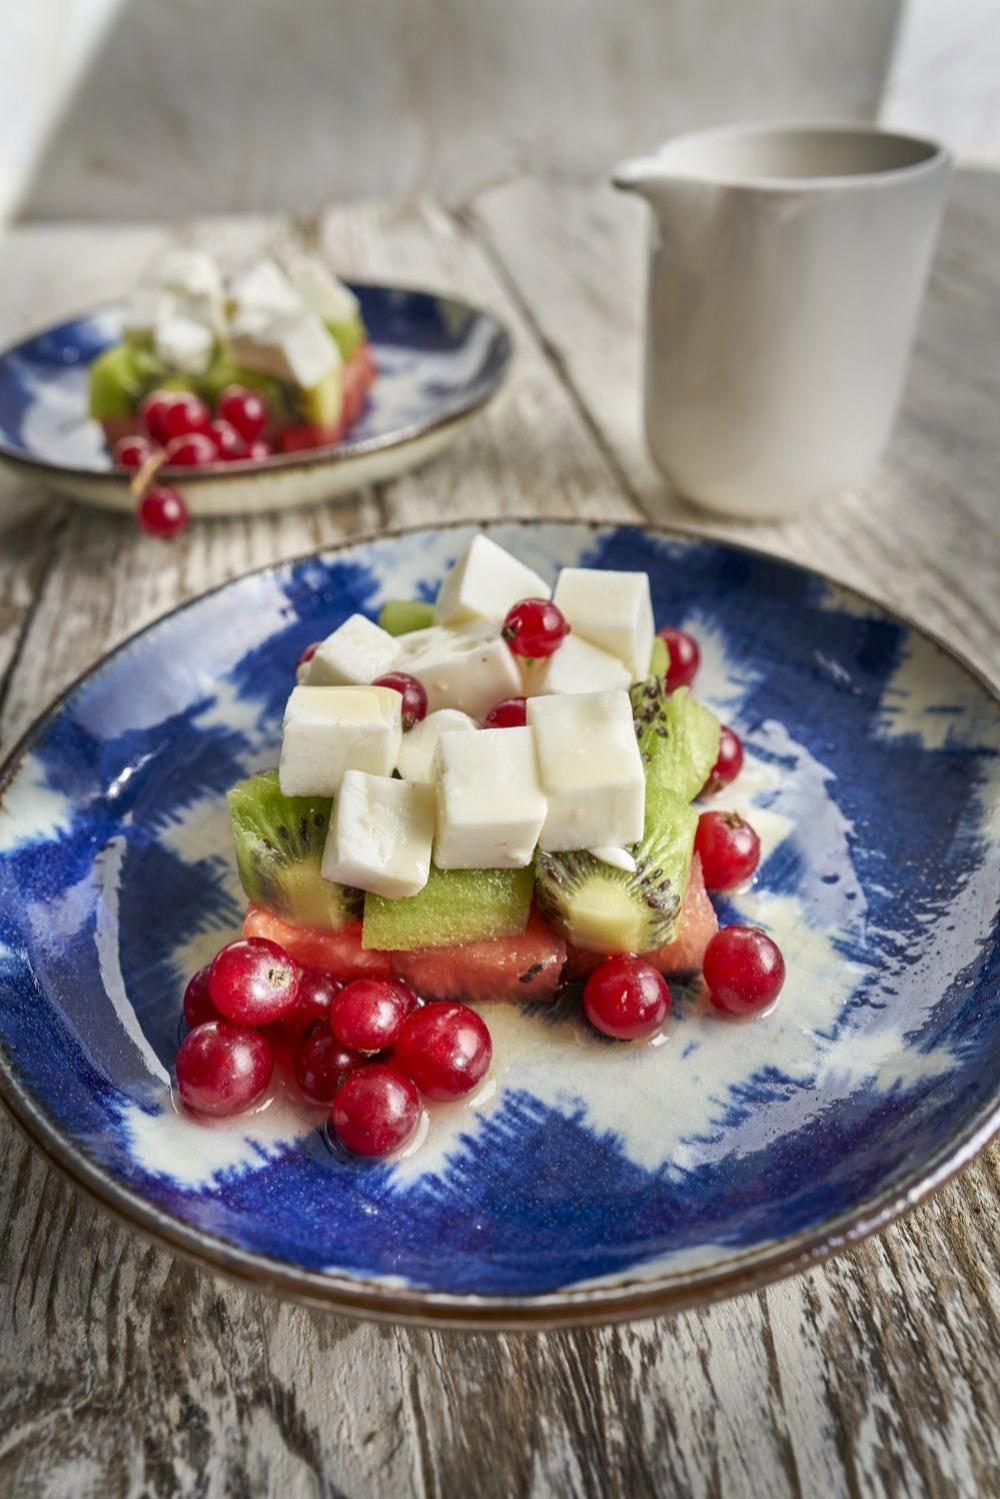 La proteína del queso de Burgos y las frutas es una excelente mezcla.